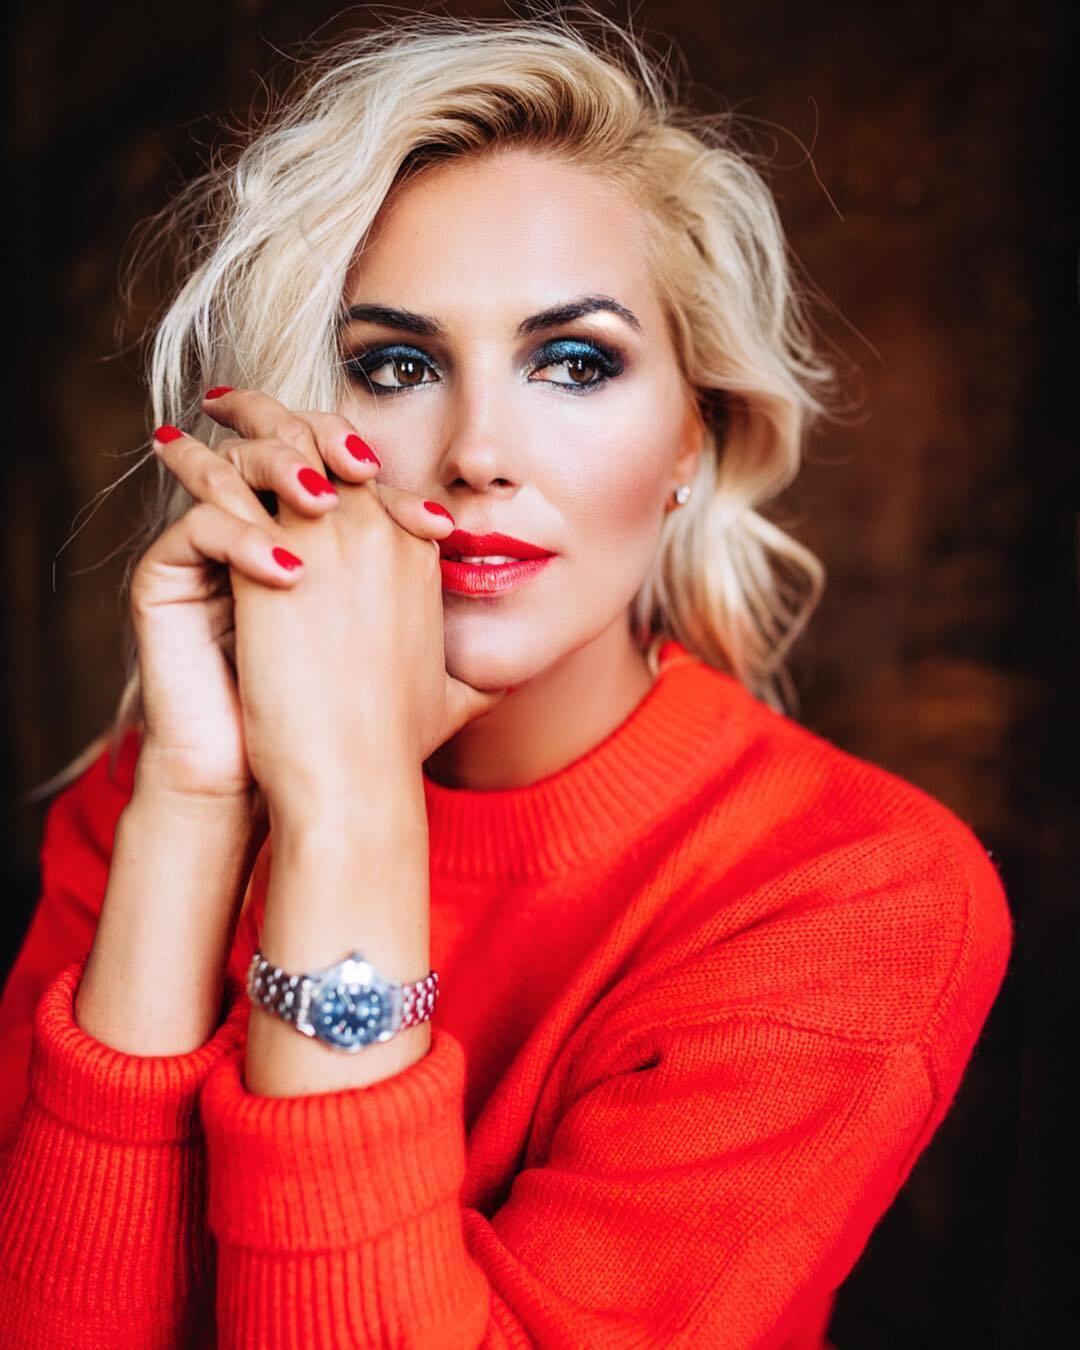 Яна Клочкова з макіяжем